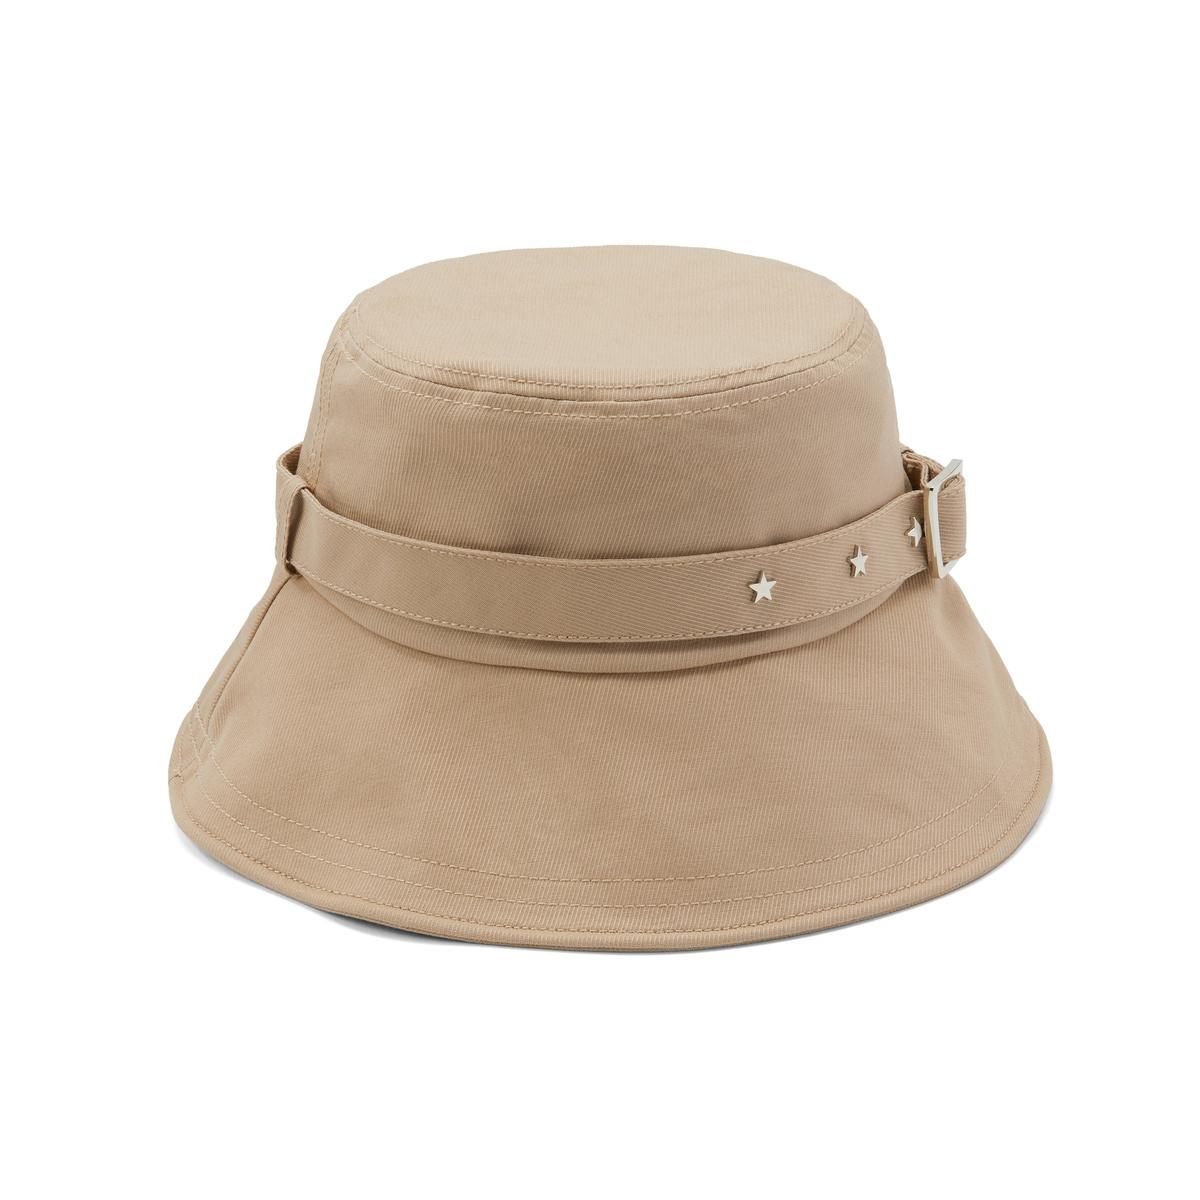 阿吉豆复古铆钉系列休闲渔夫帽遮阳盆帽子